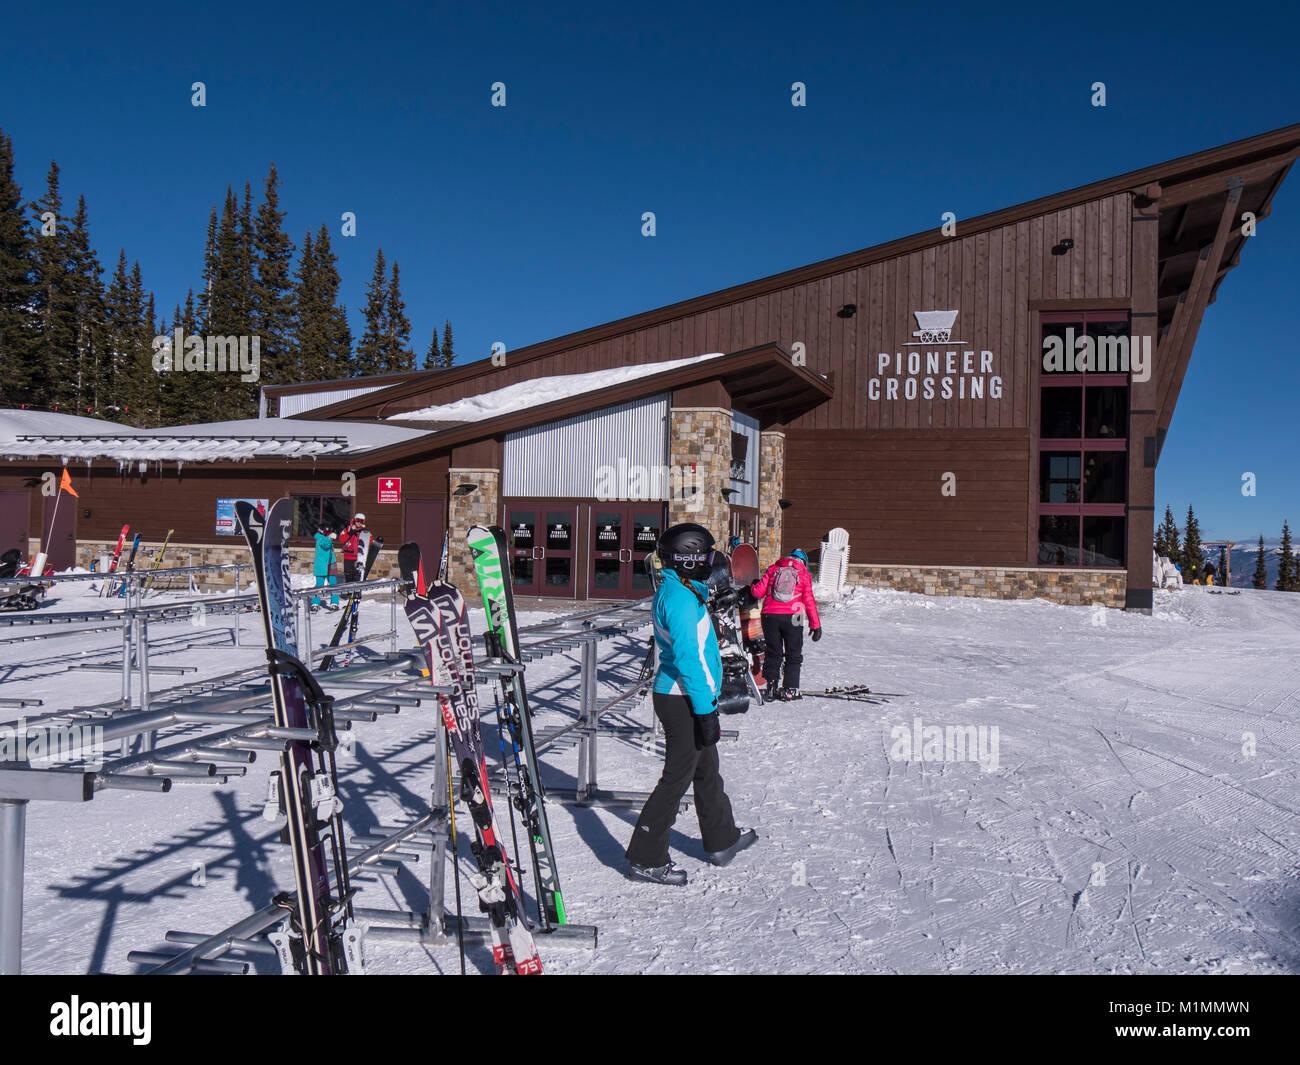 Pioneer Crossing día lodge y restaurante en la cima de pico 7, Breckenridge Ski Resort, Breckenridge, Colorado. Imagen De Stock